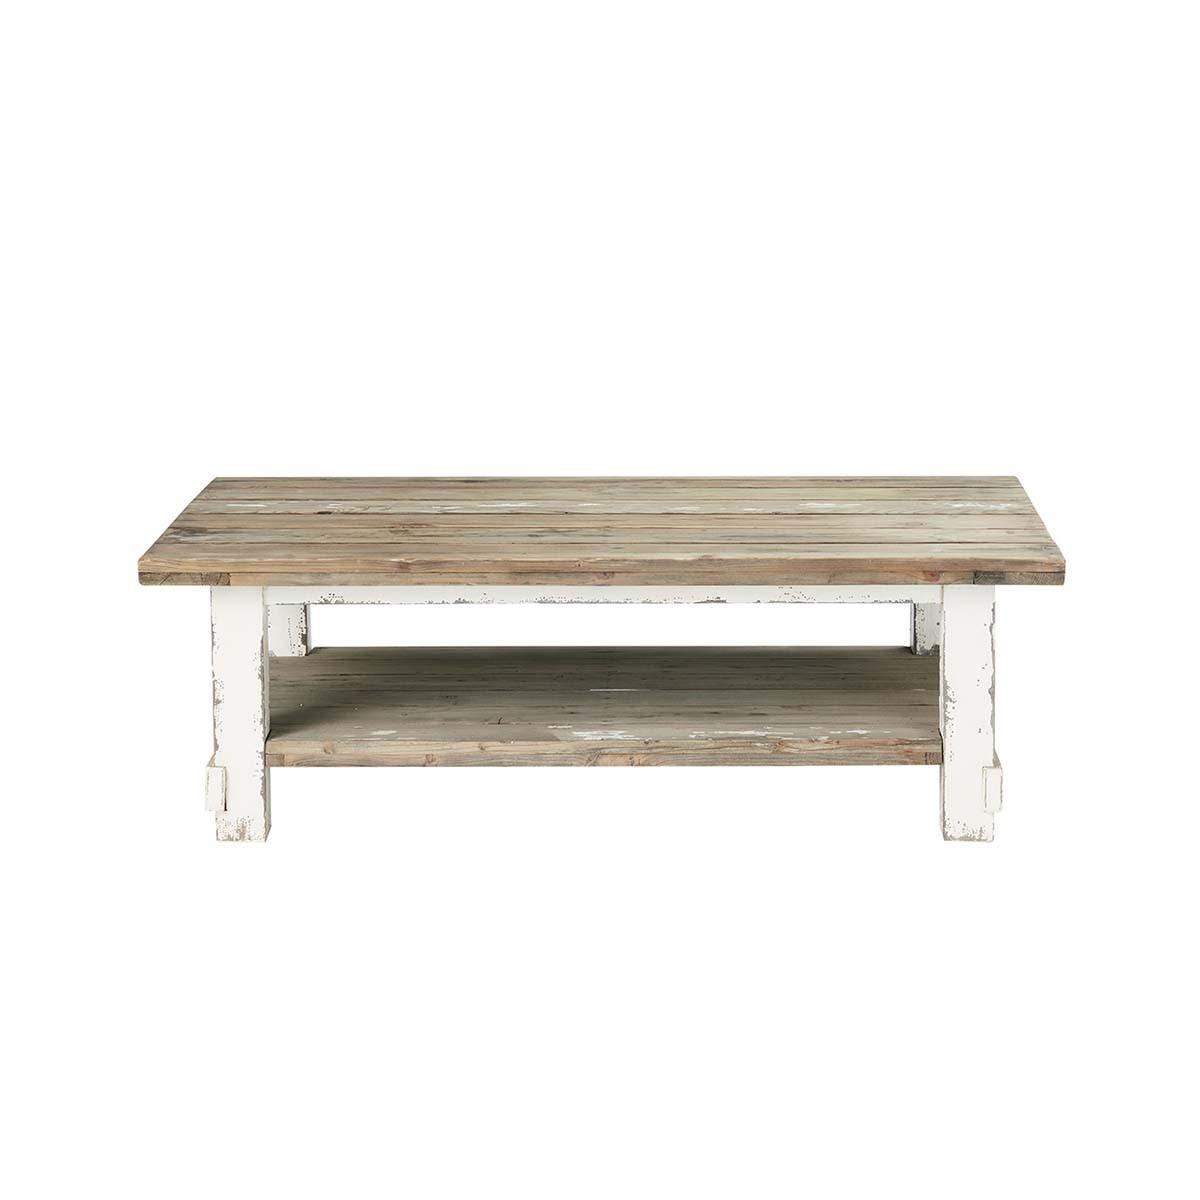 Table basse double plateau en pin recyclé